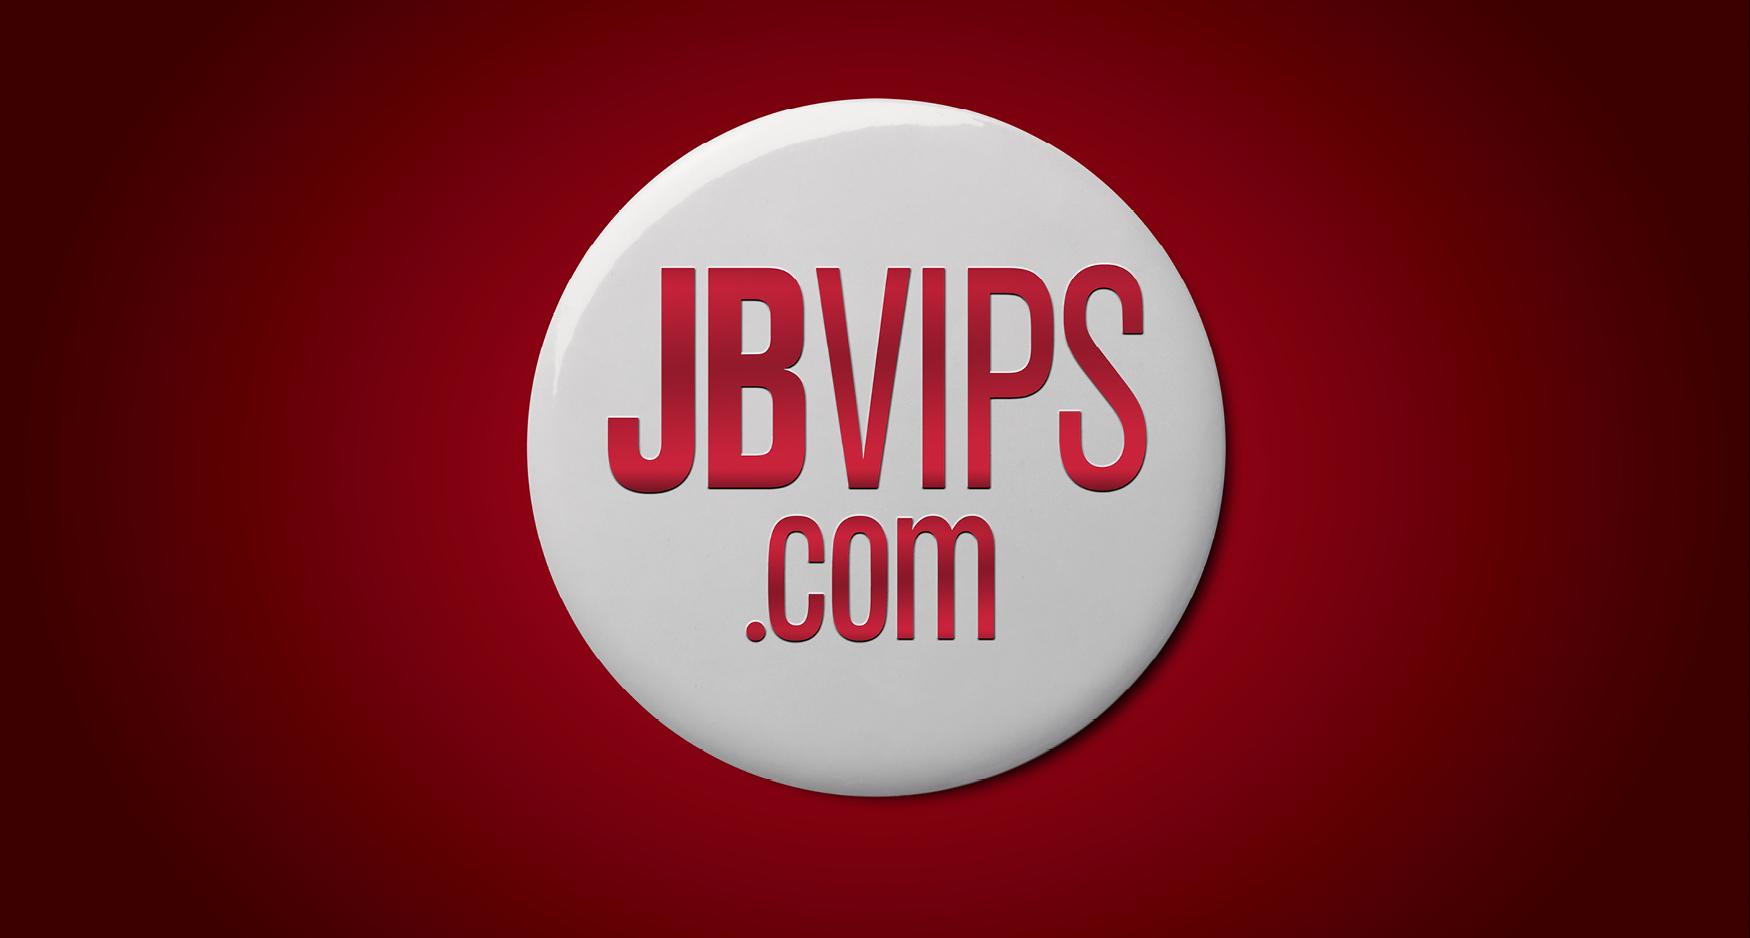 BP Large Images35 - JERSEY BOYS - JBVIPS.COM CAMPAIGN LOGO